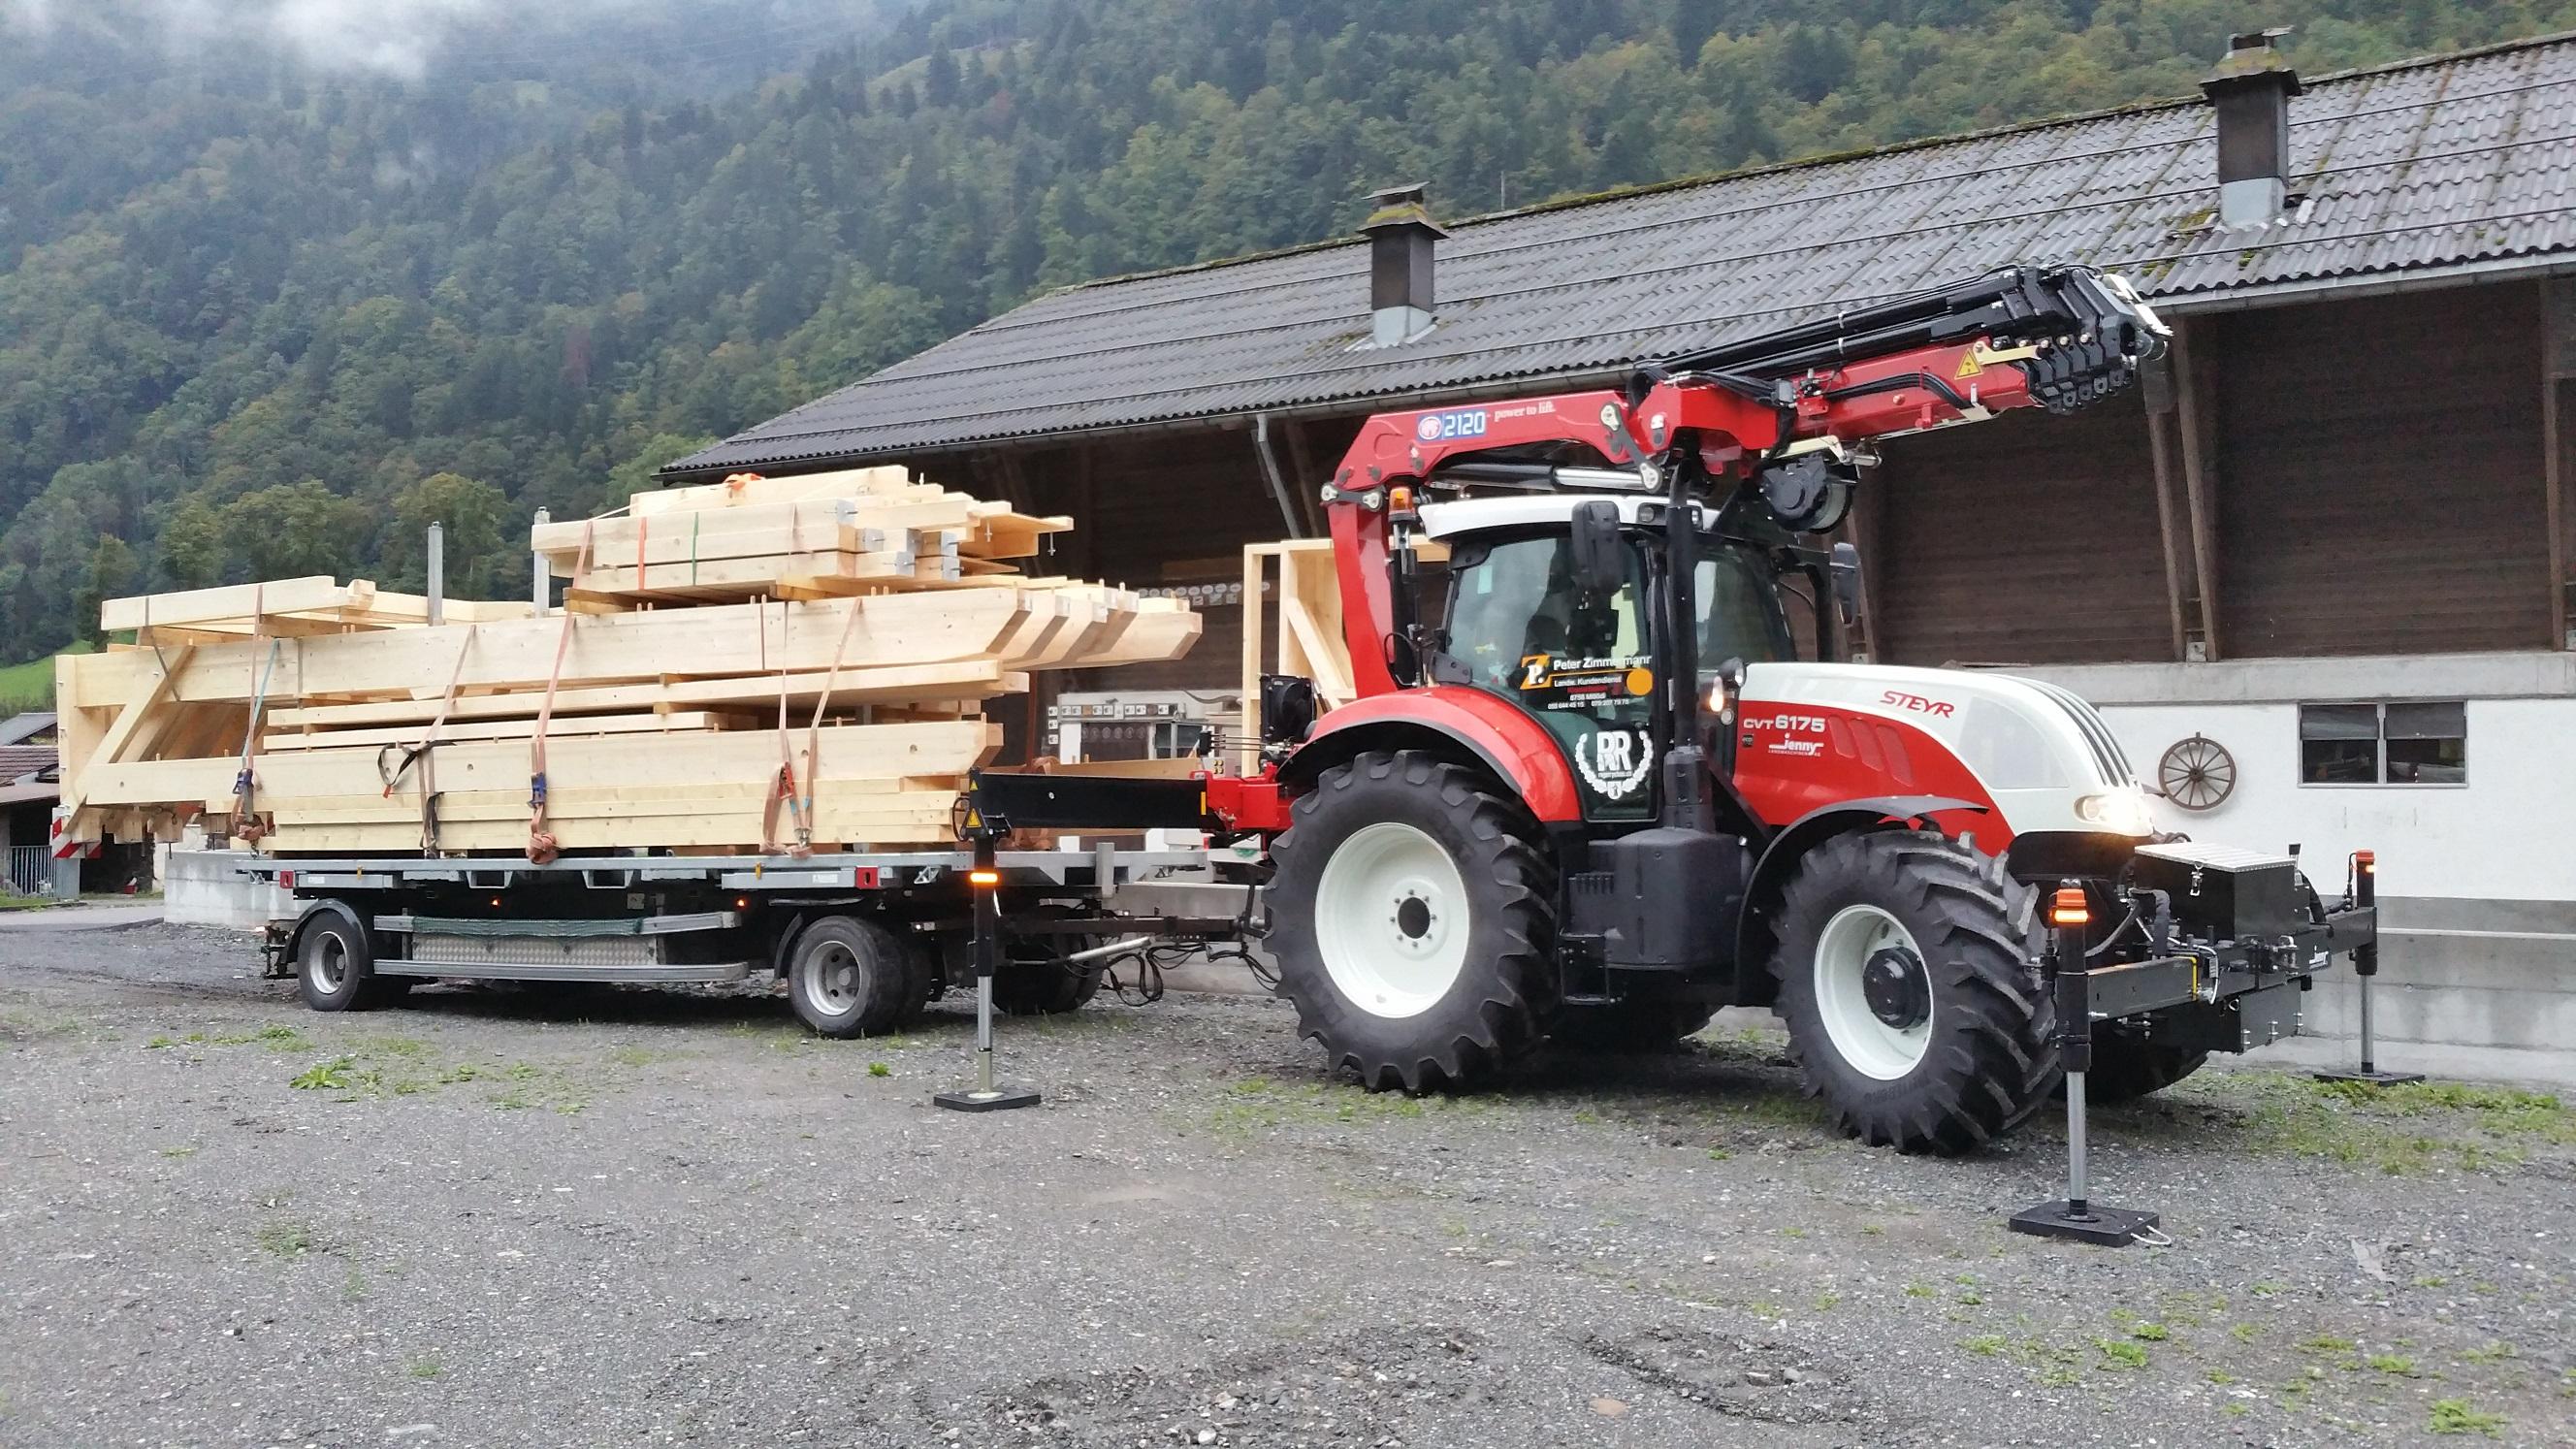 Fabelhaft Kranarbeiten mit Traktor &DB_33